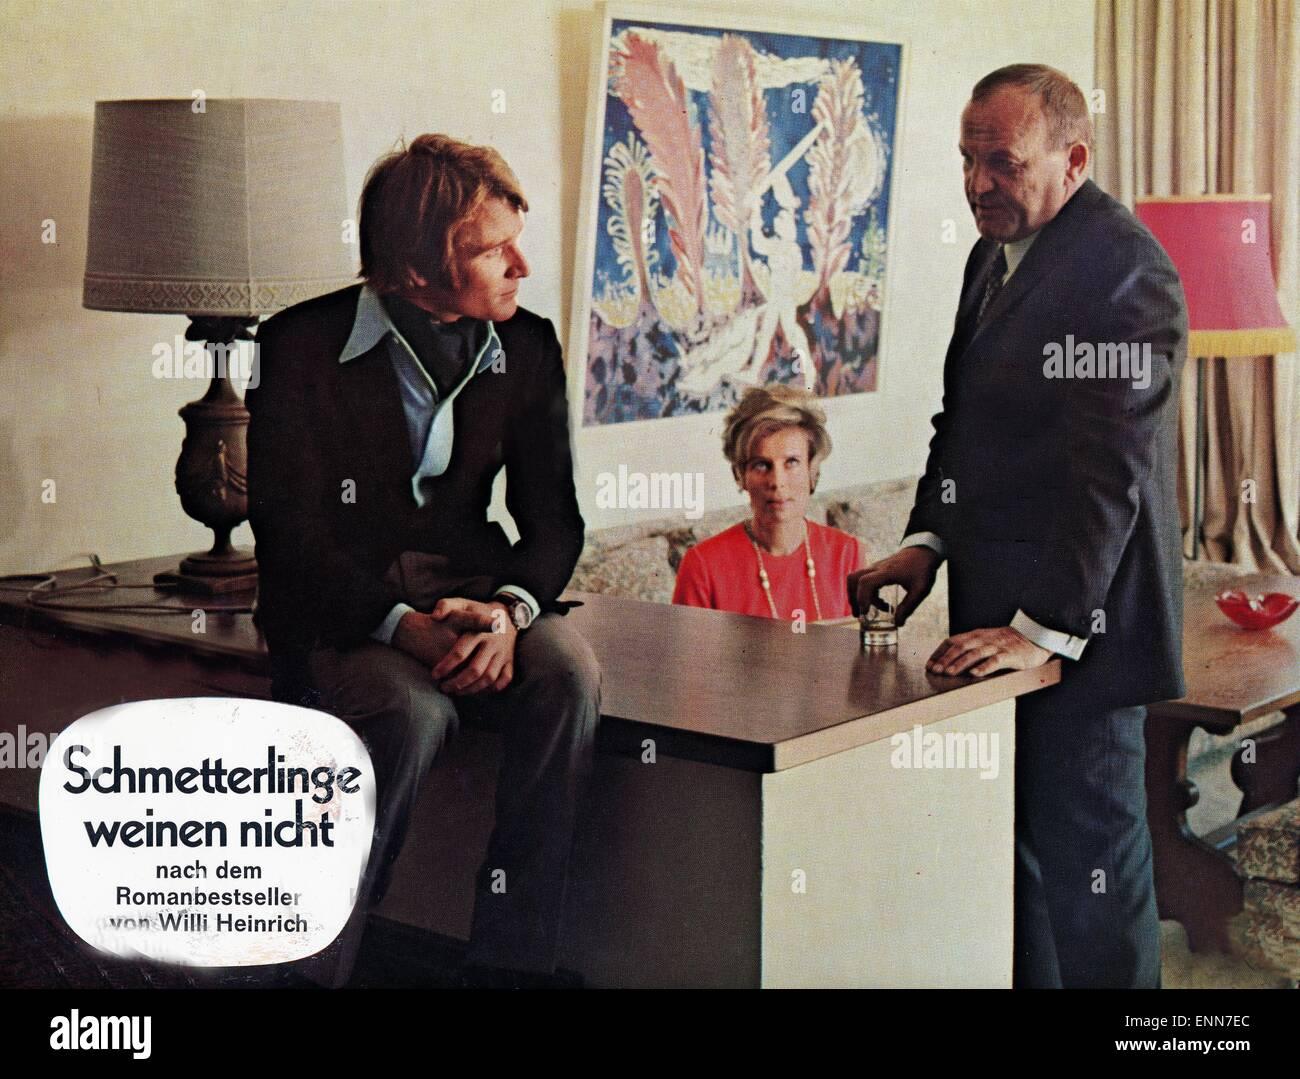 Schmetterlinge weinen nicht, Deutschland 1970, Regie: Klaus Überall, Darsteller: Siegfried Wischnewski, Elmar - Stock Image